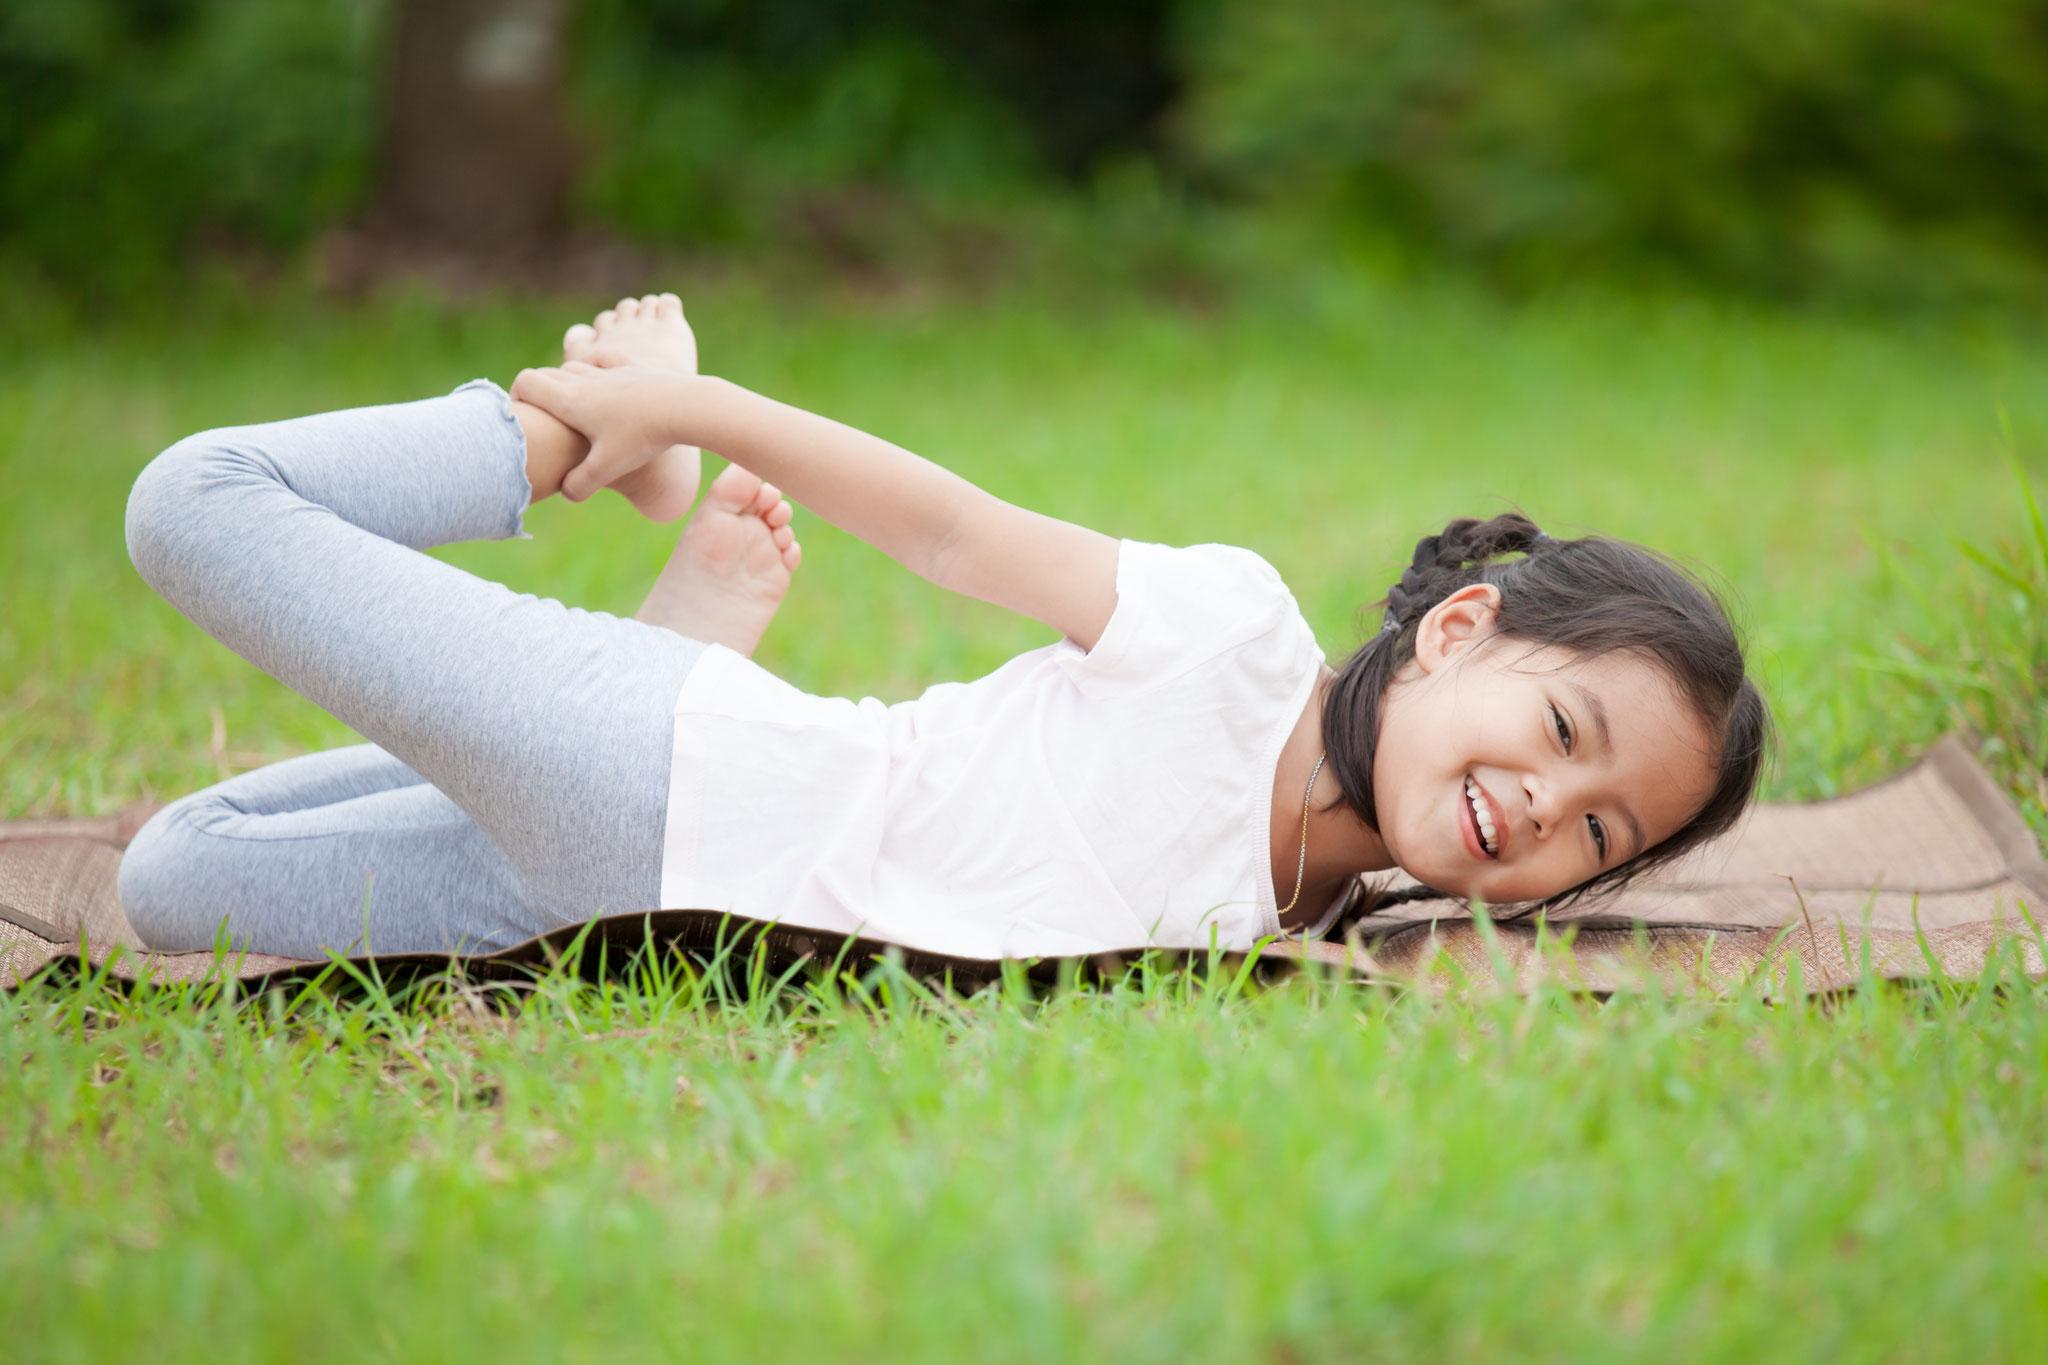 Fr, 17.07., 15.00: Yoga im Freien, ein Angebot des Marzahner Kinderkellers